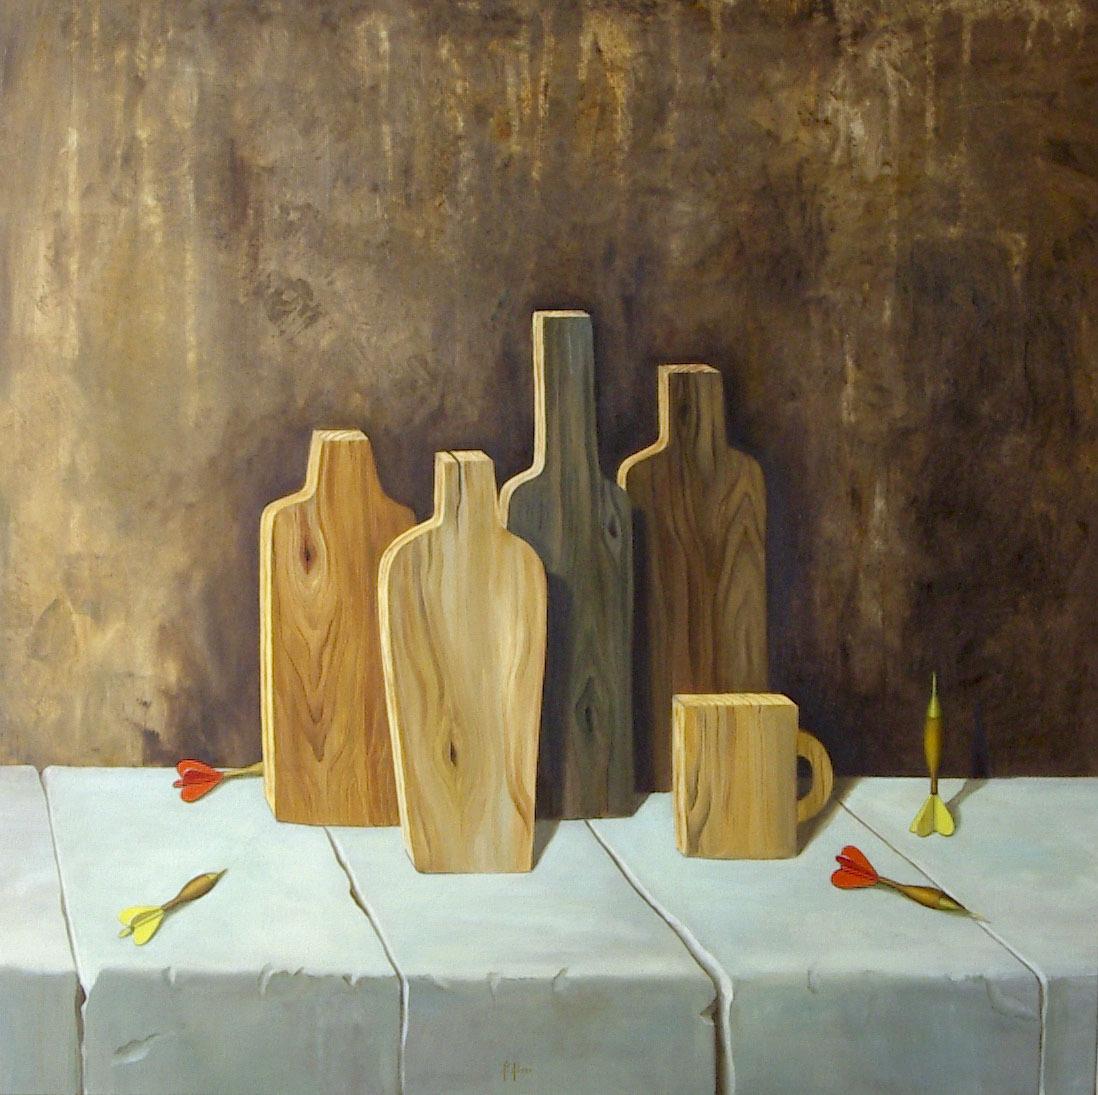 2006 roberta rossi – Bersagli – olio su tela – 70 x 70